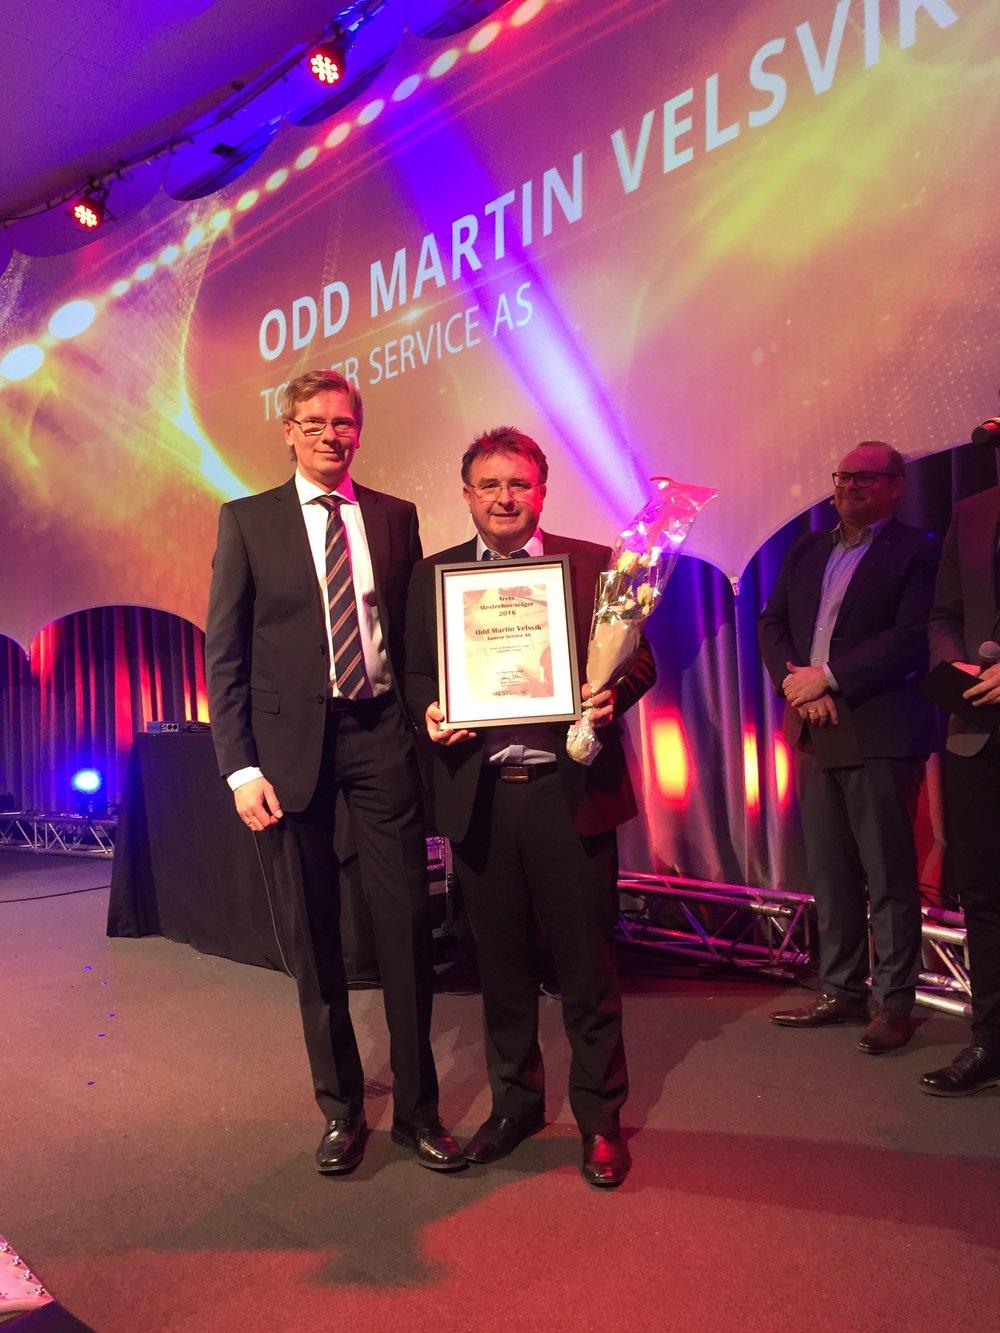 Kjededirektør i Mesterhus (t.v.) saman med Odd Martin Velsvik som nettopp har teke i mot prisen.